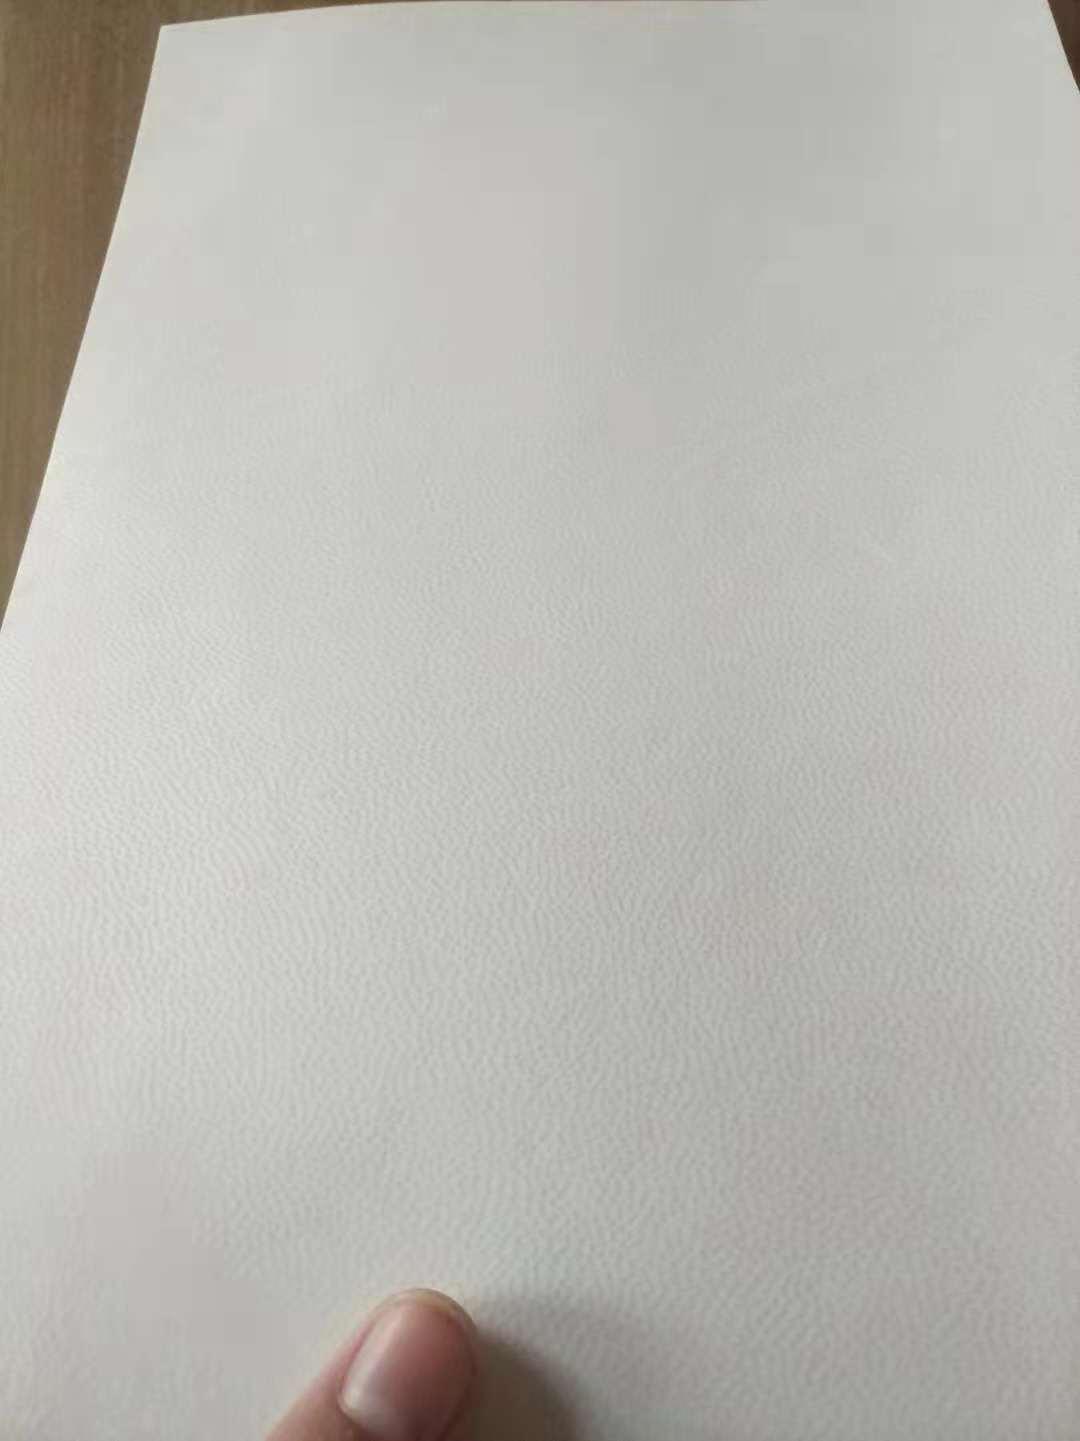 羊皮纸 真皮 高档 欧式风格 千年不坏中世纪手抄本情书贺卡绘画纸